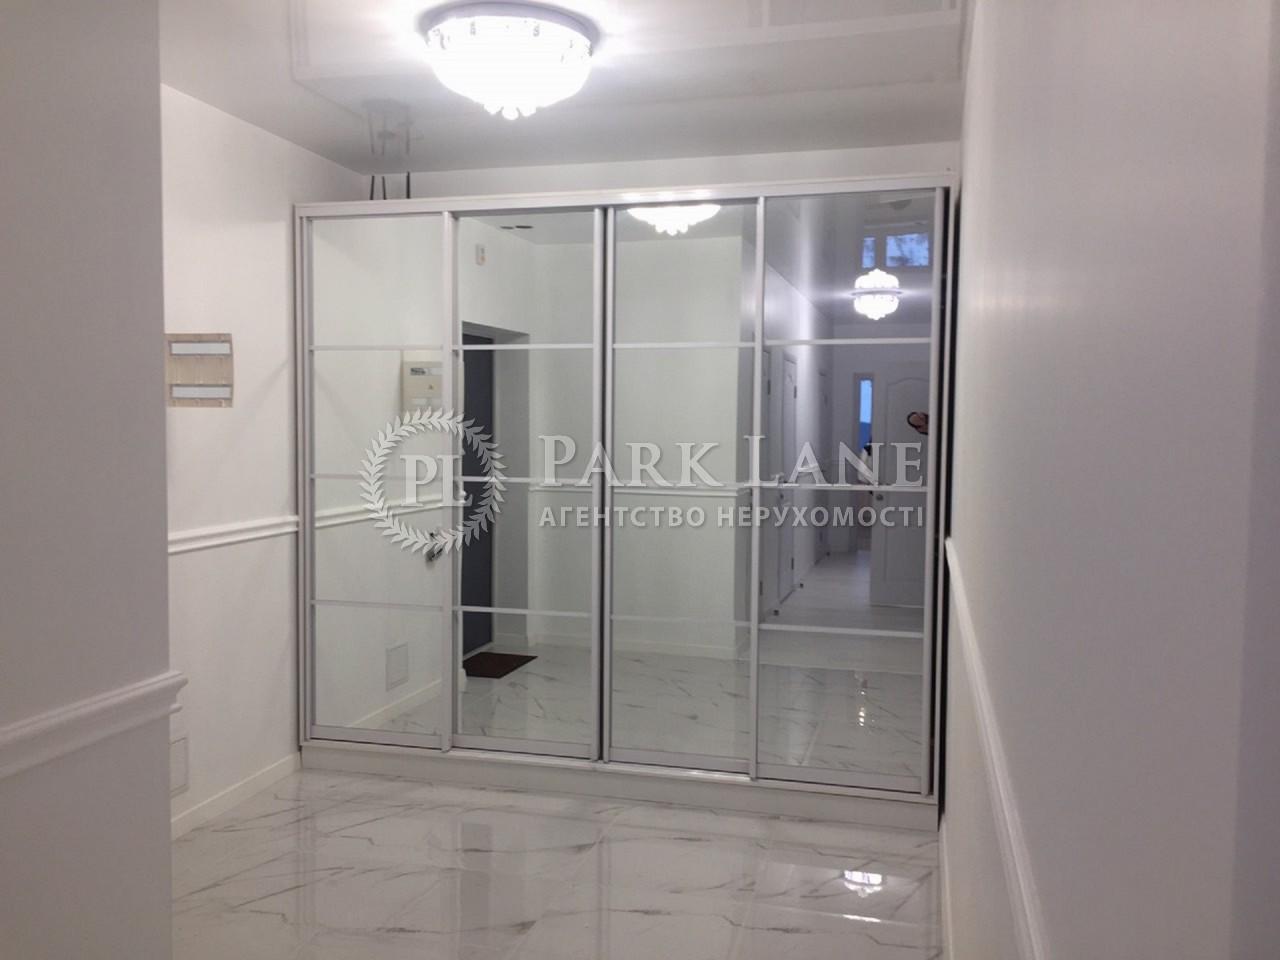 Квартира вул. Кондратюка Ю., 7, Київ, Z-477614 - Фото 21